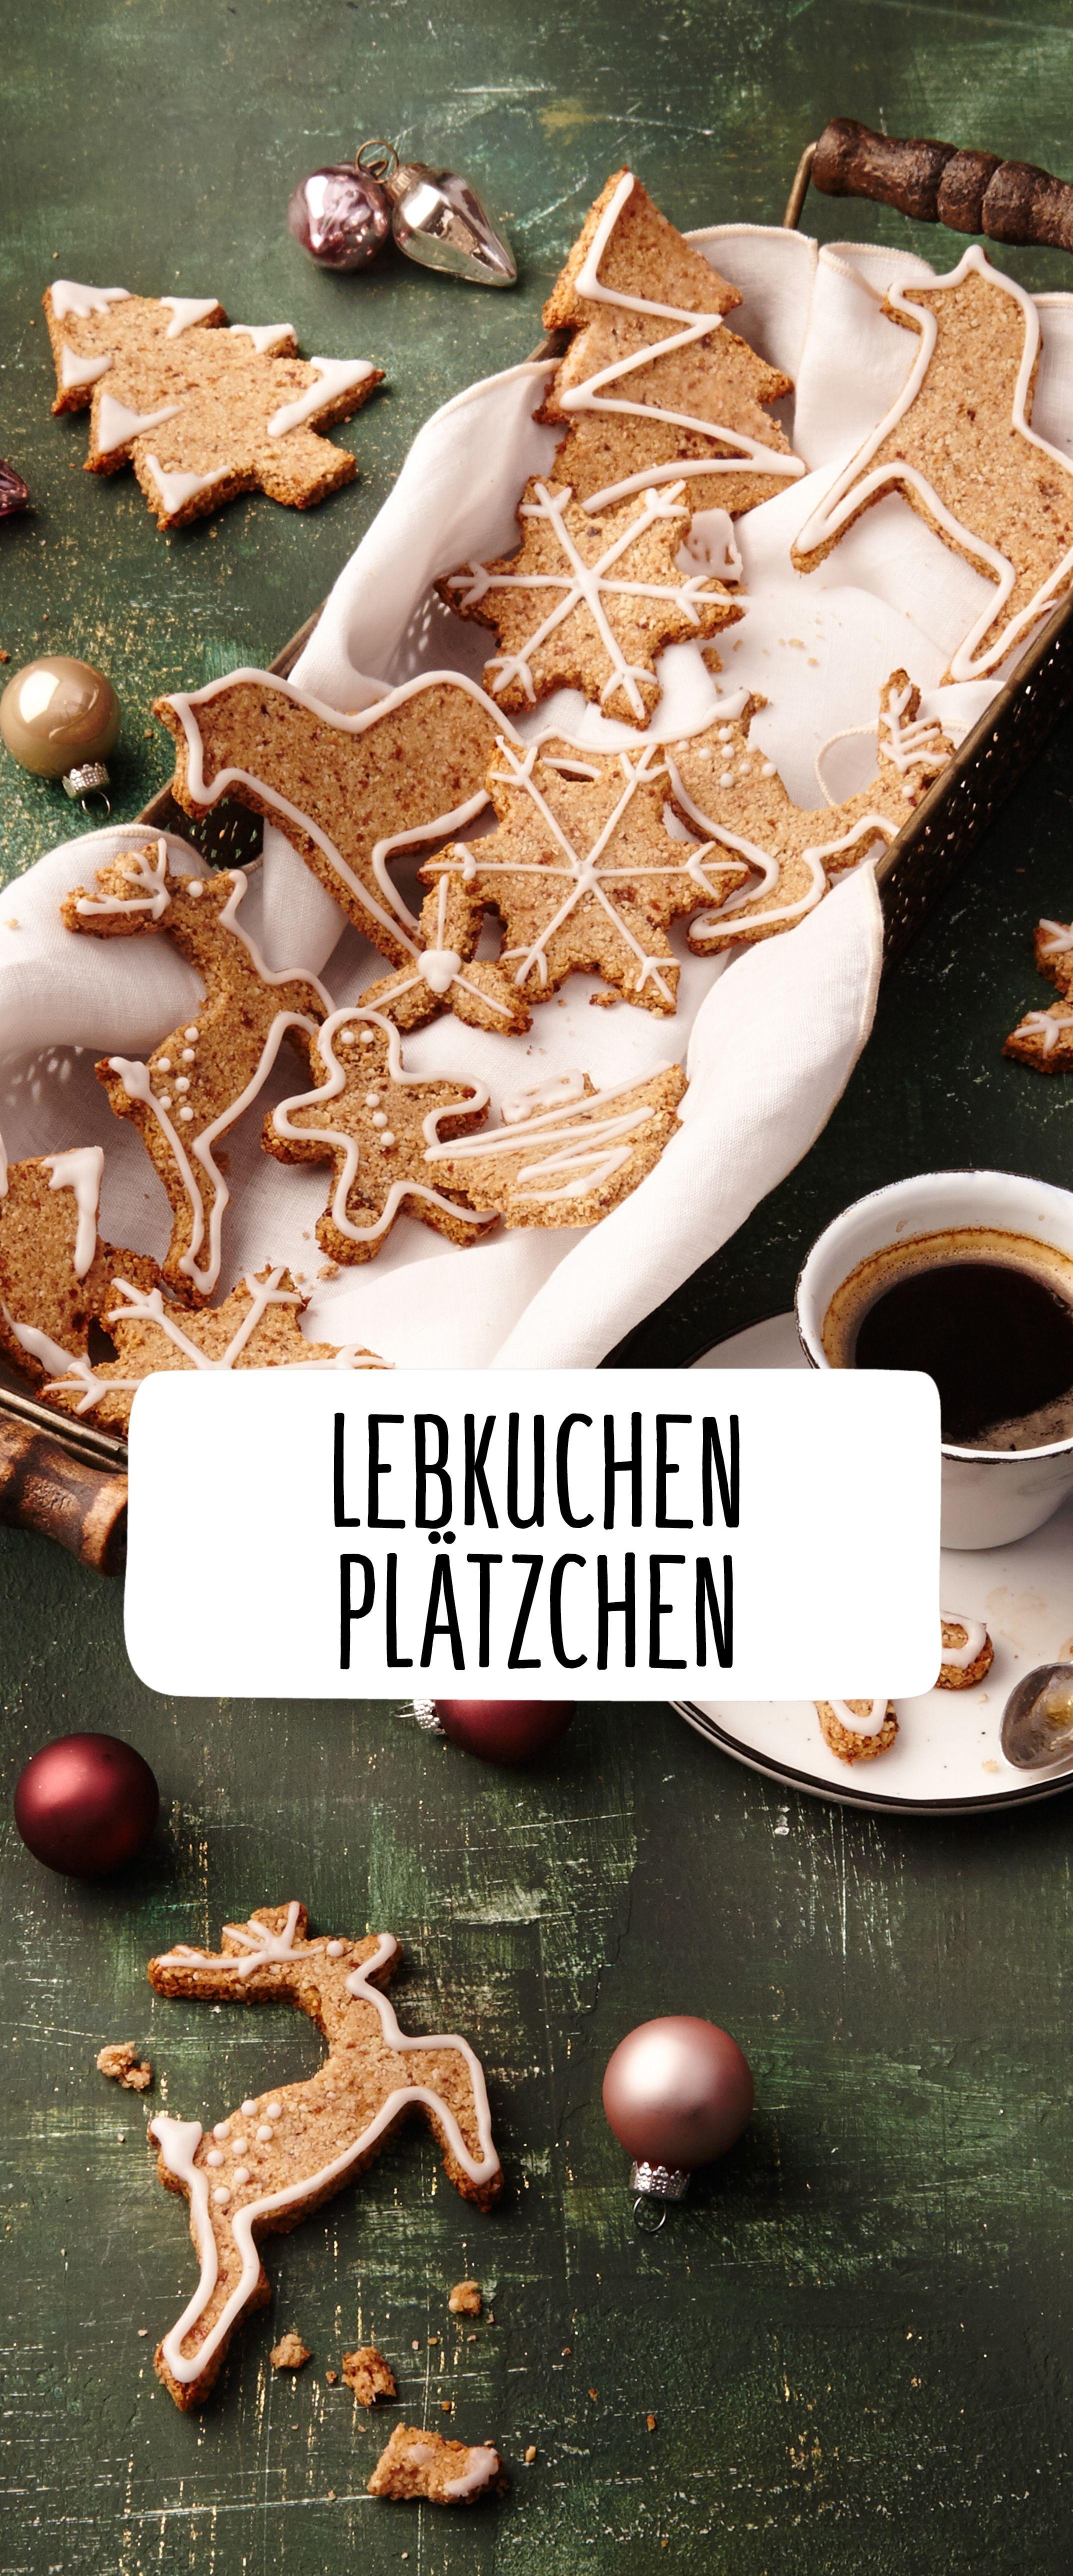 Lebkuchen Plätzchen #cinnamonsugarcookies